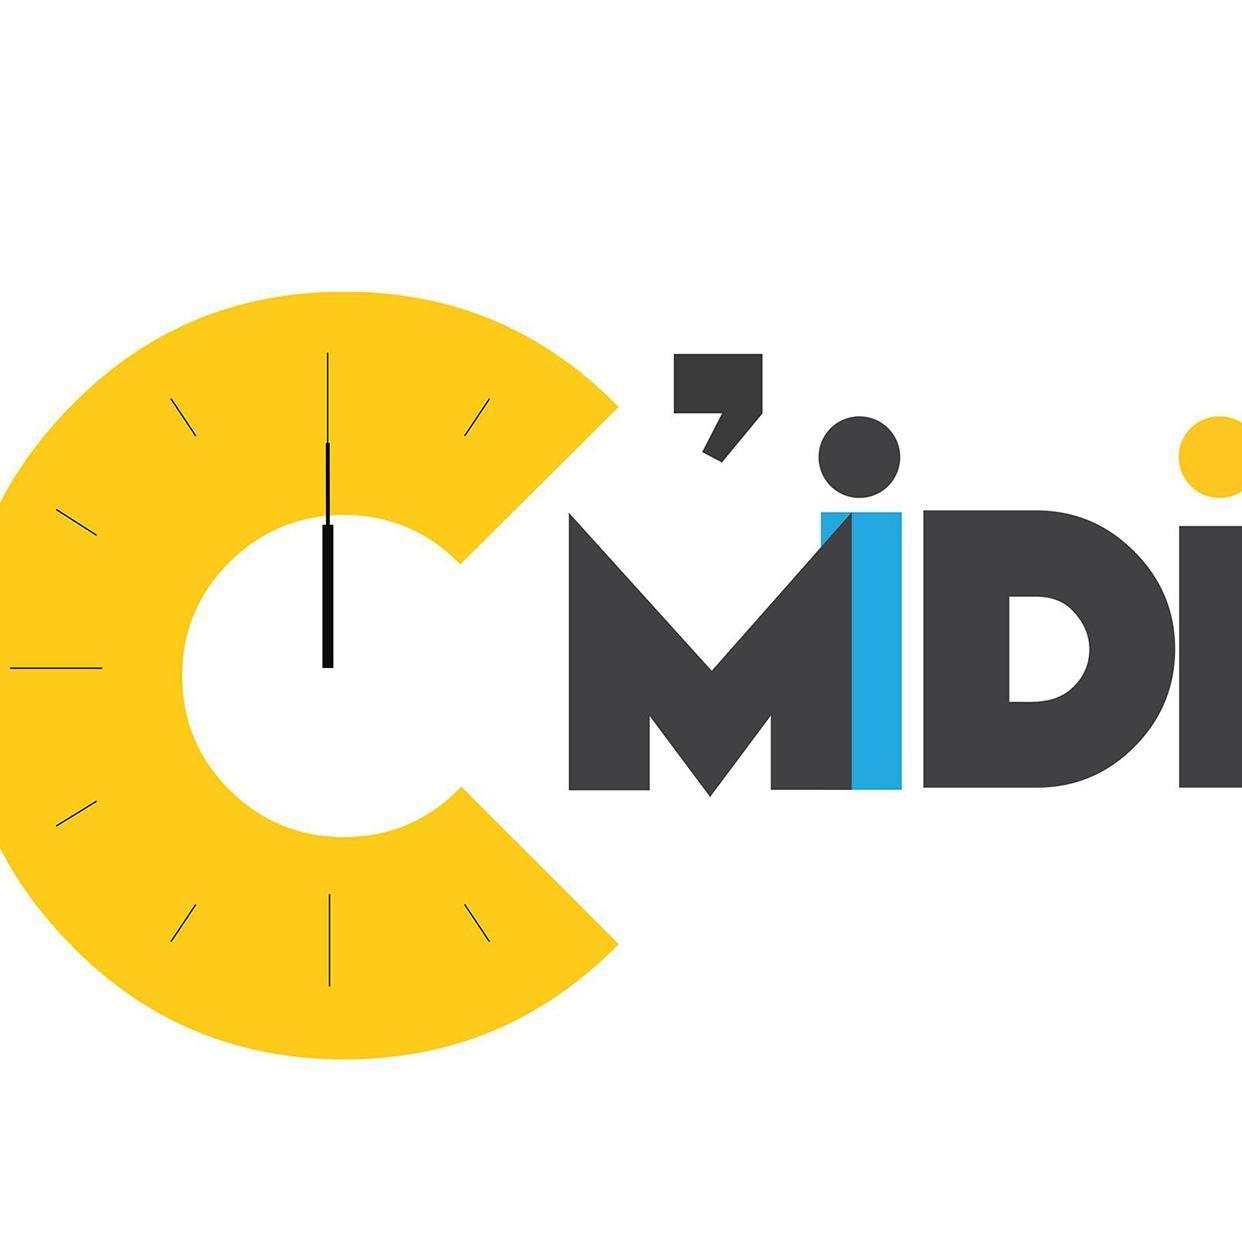 C'MIDI